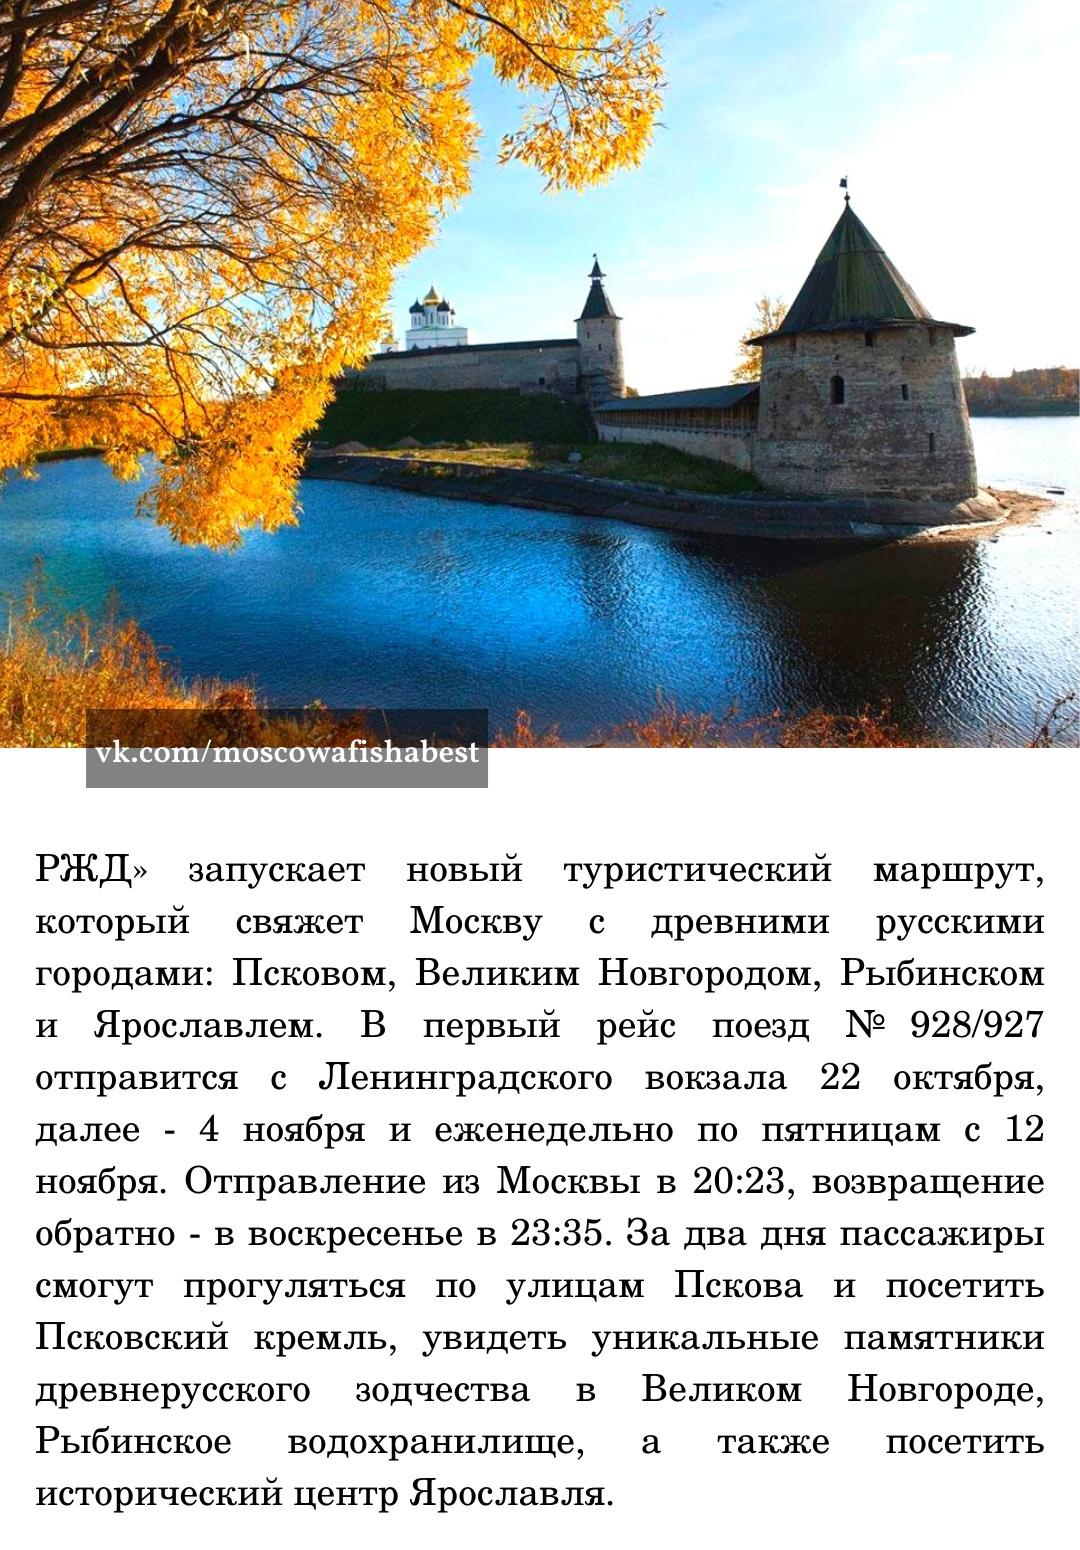 Пост Москвича номер #62032